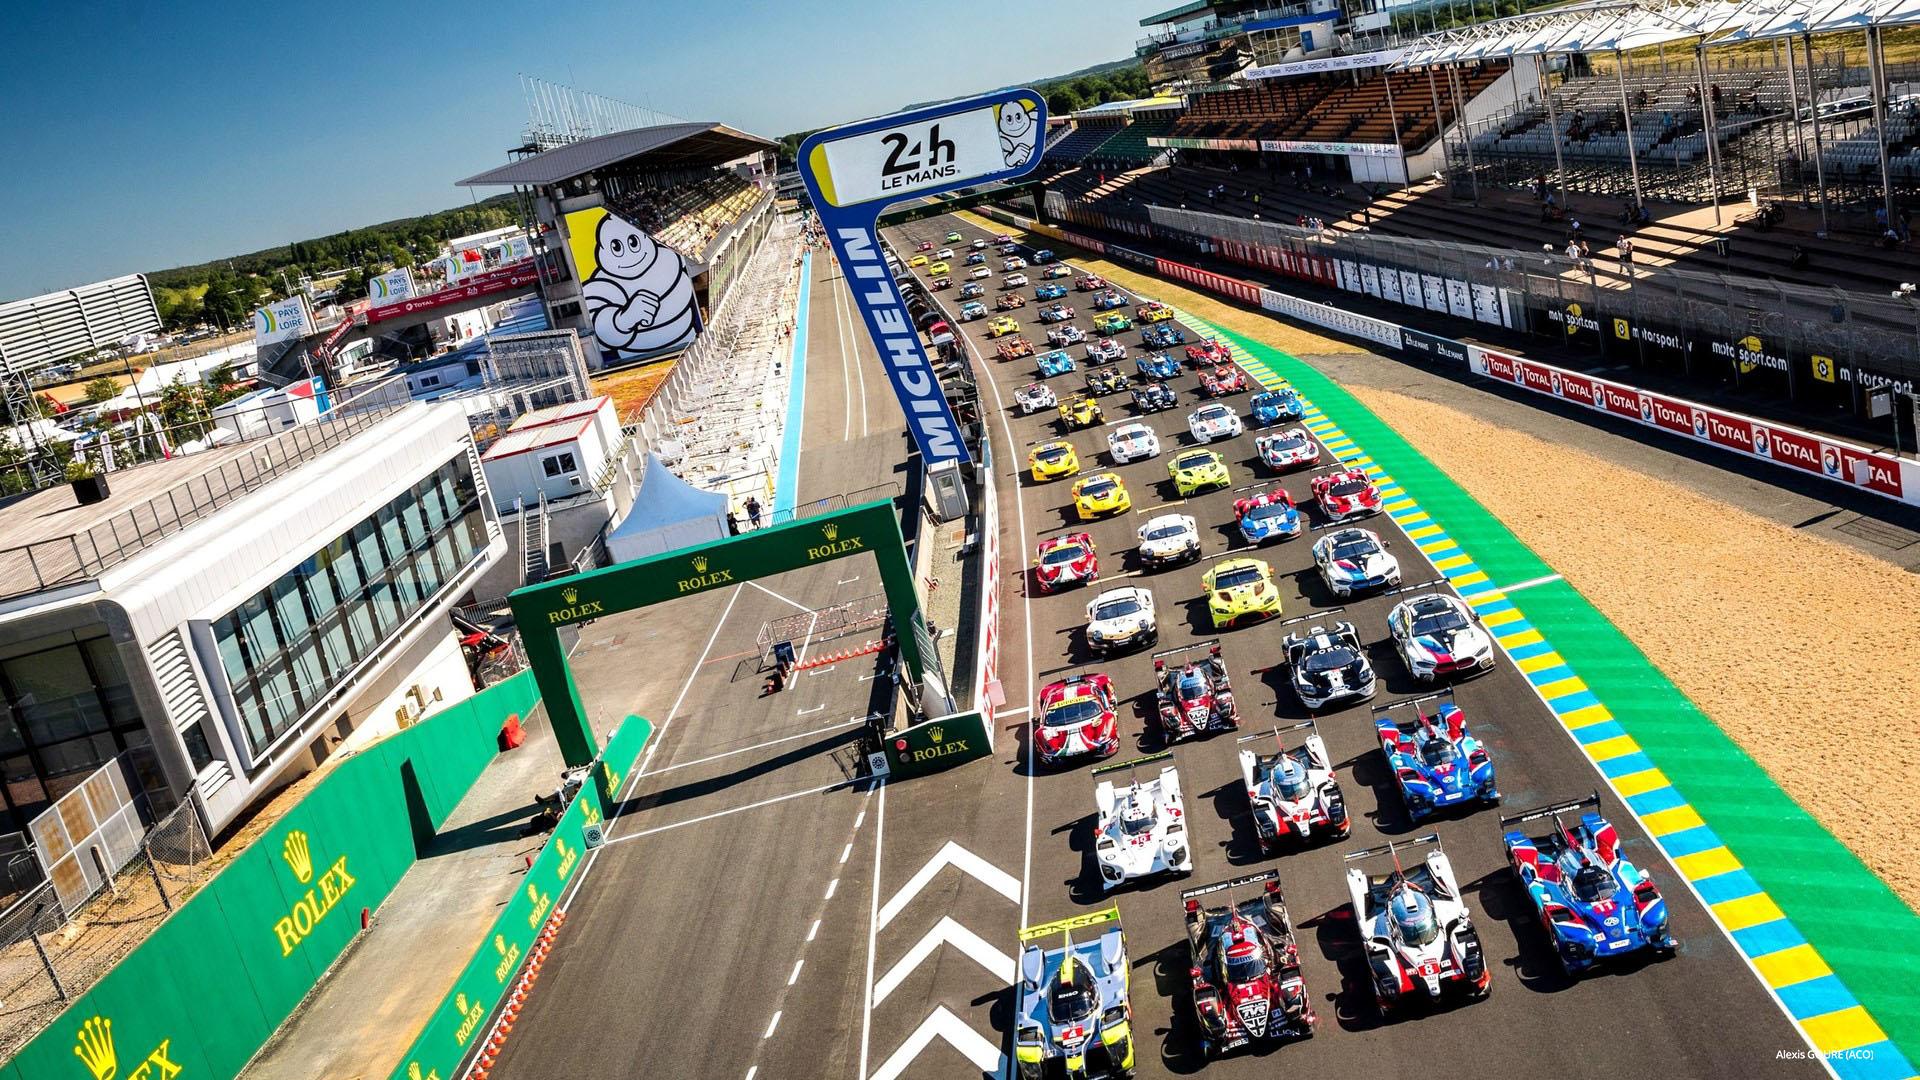 Rennautos auf der Rennstrecke Le Mans in Frankreich